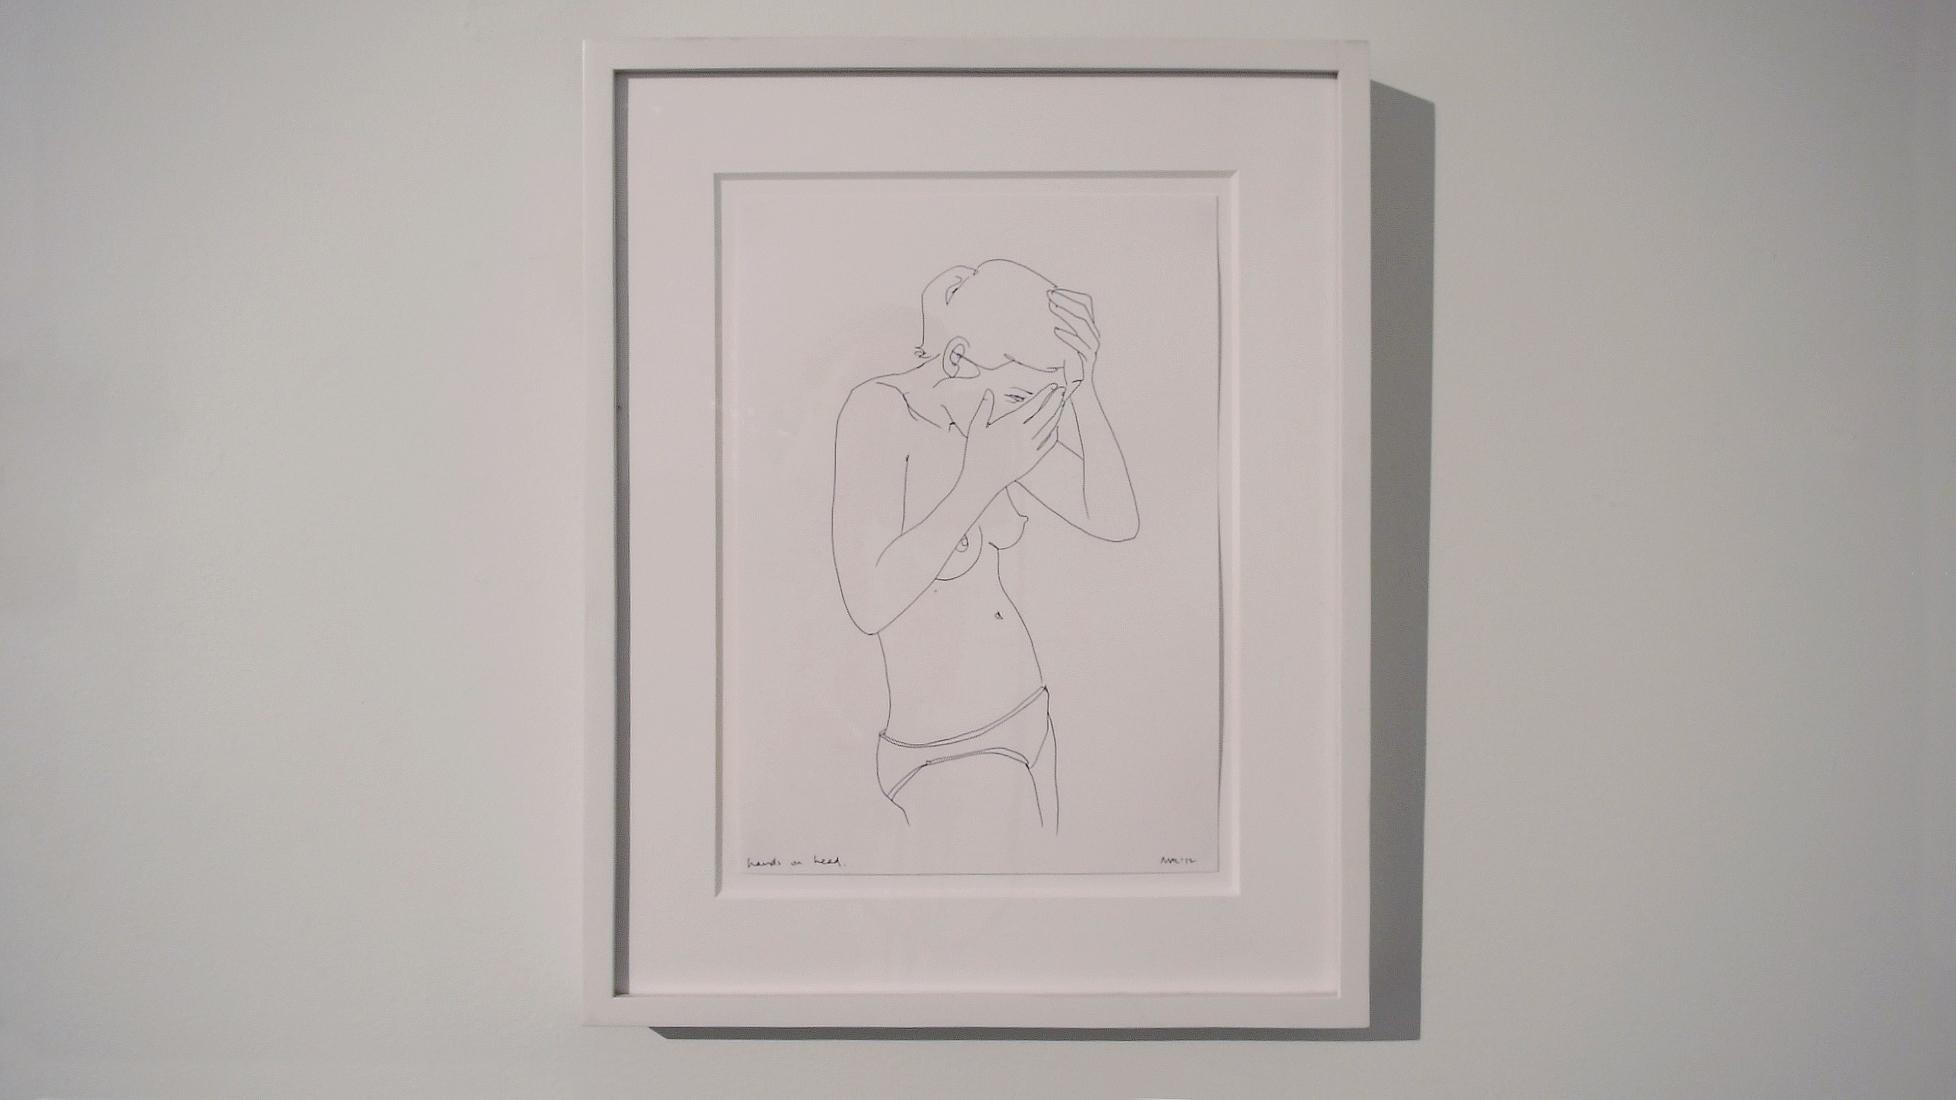 drawing by Natasha Law